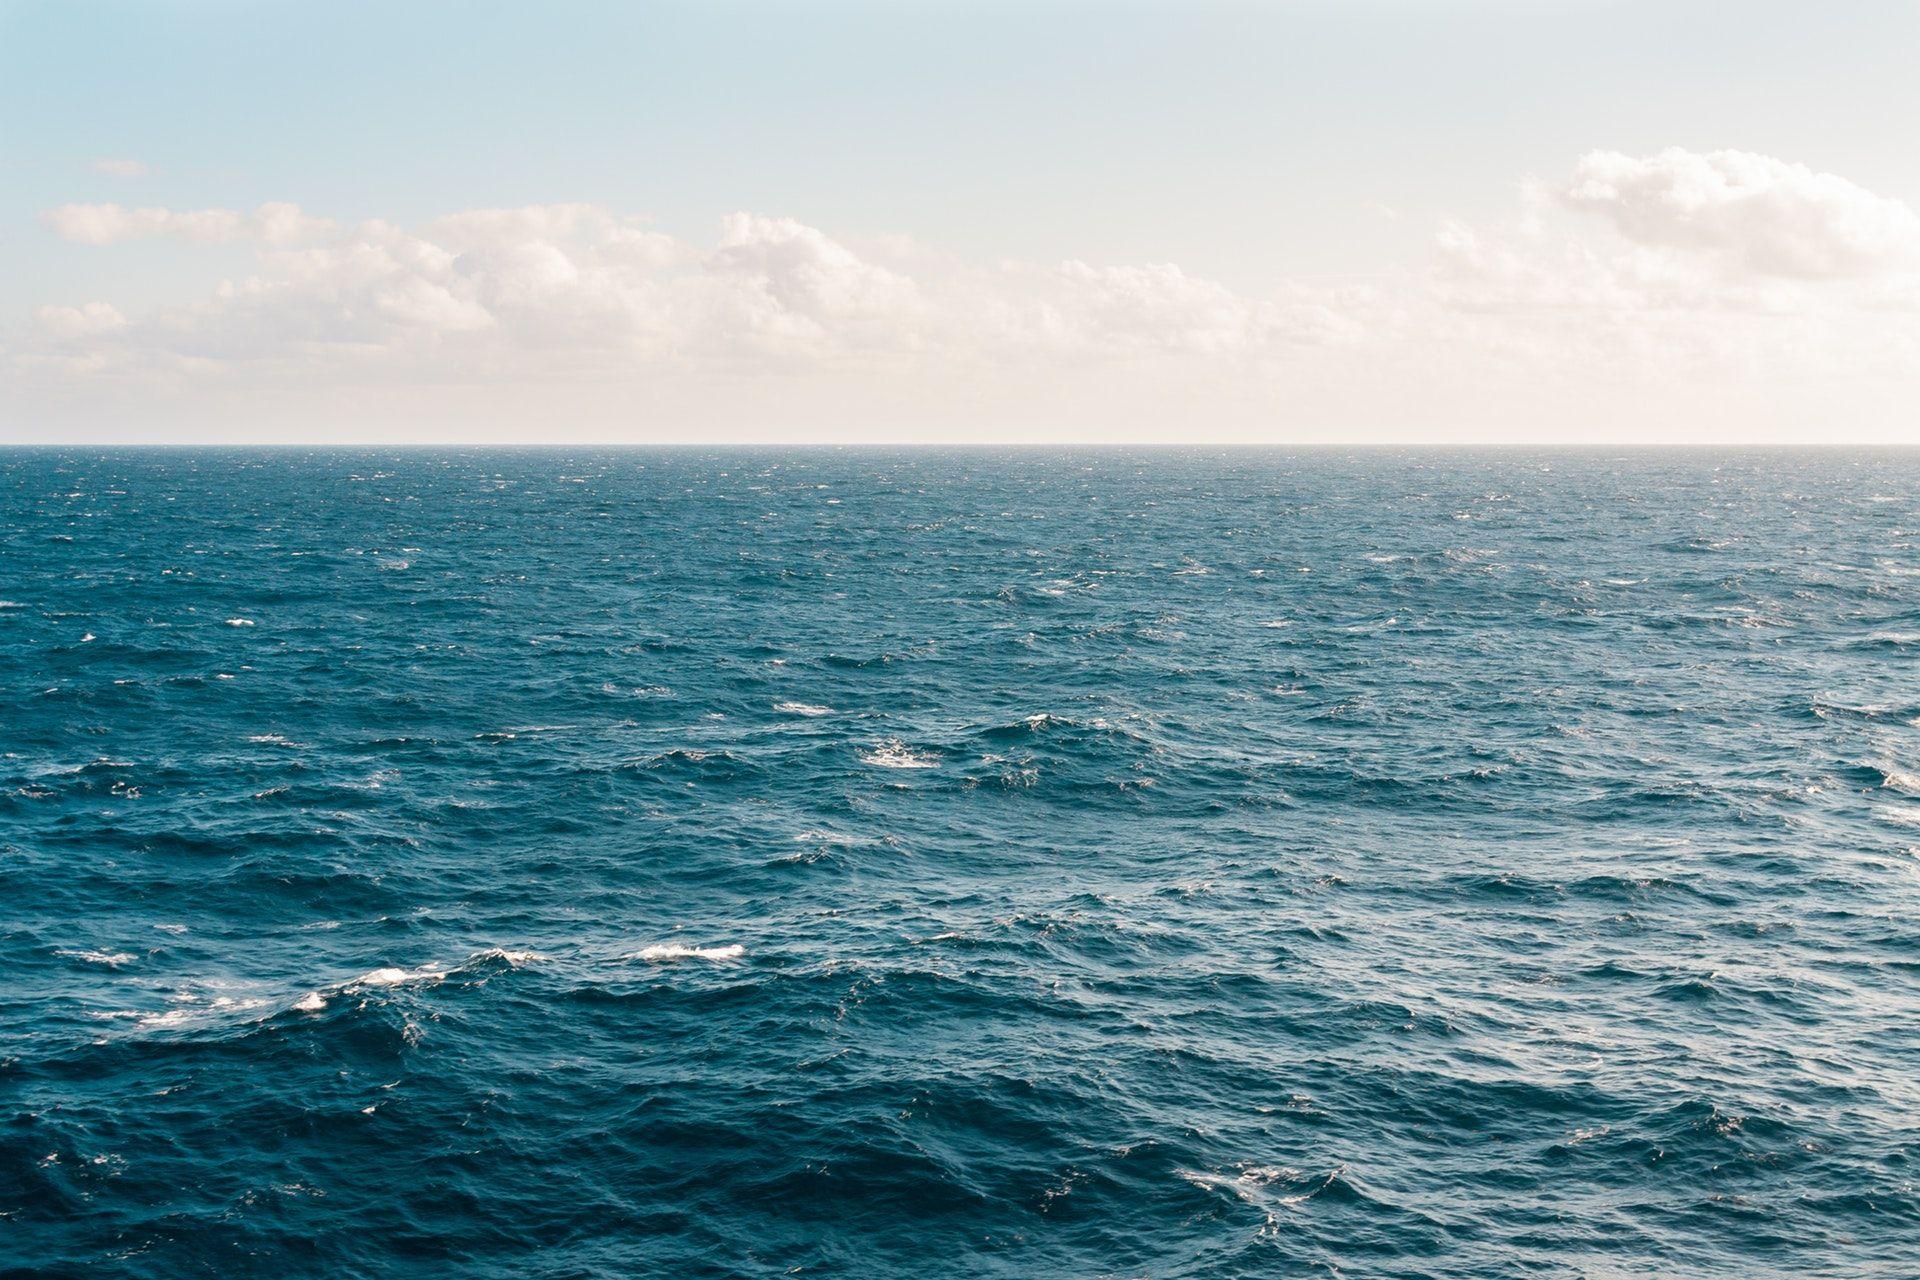 عکس زمینه چشم انداز آب دریا پس زمینه